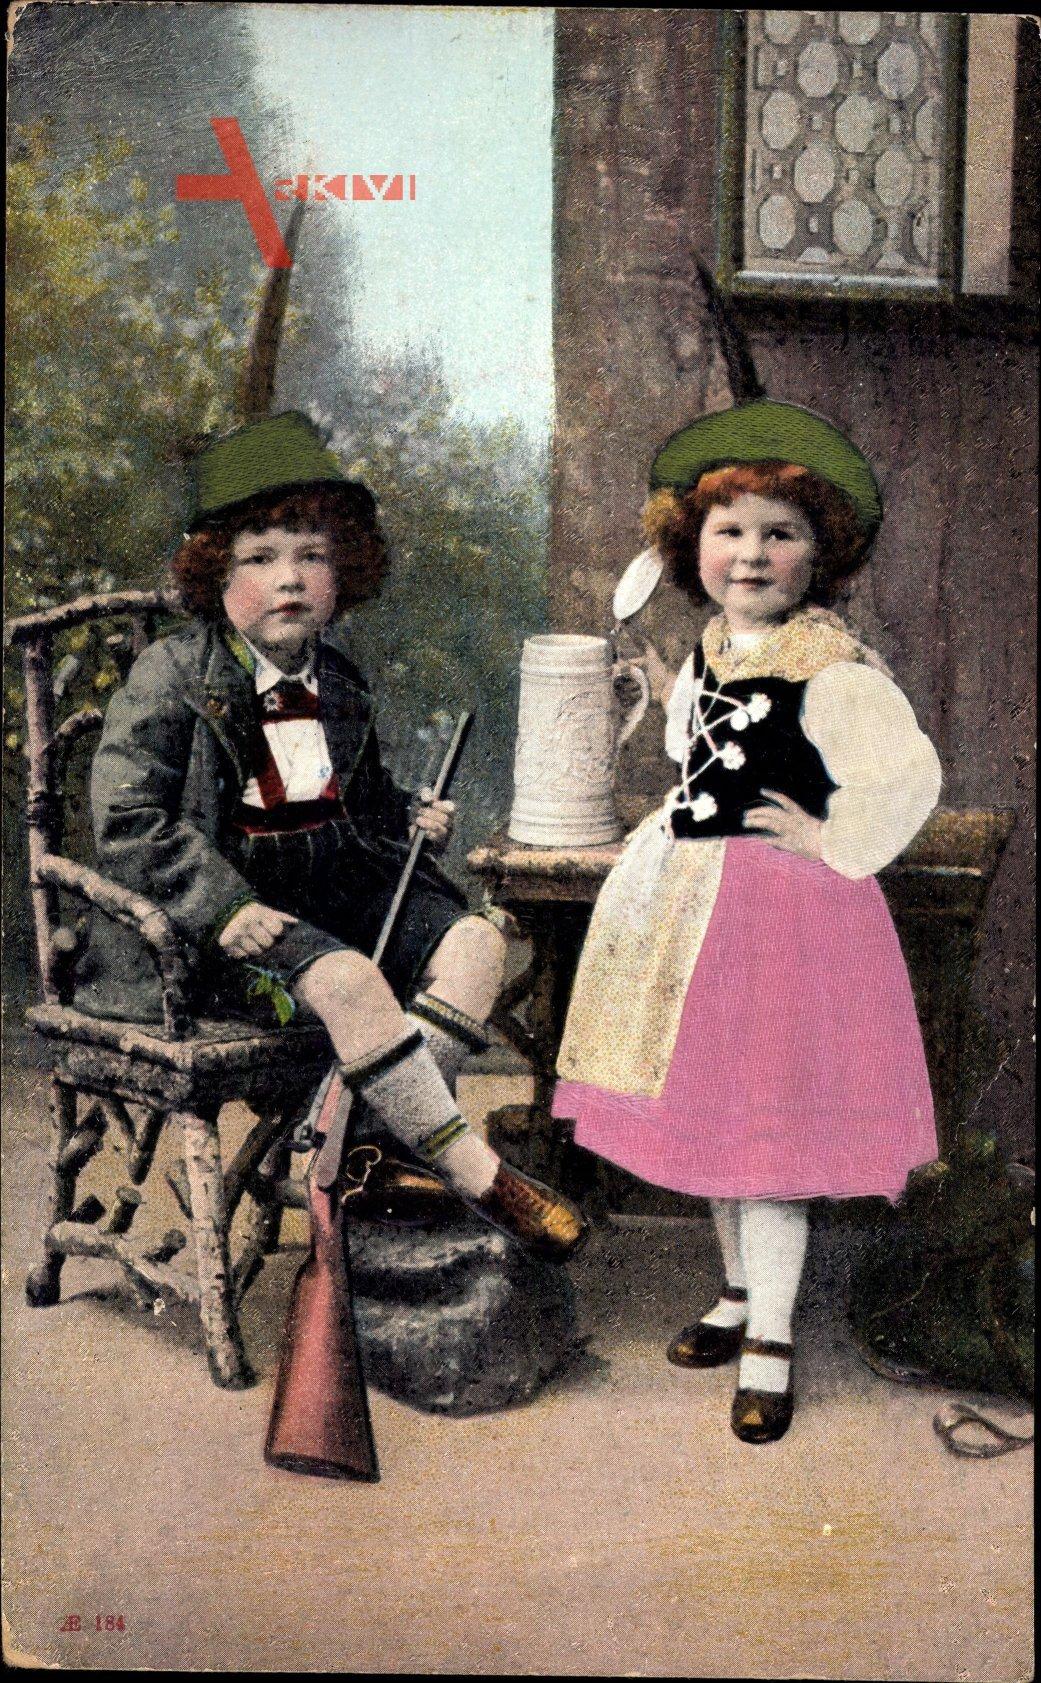 Junge und Mädchen in Bayerischer Tracht, Gewehr, Bierhumpen